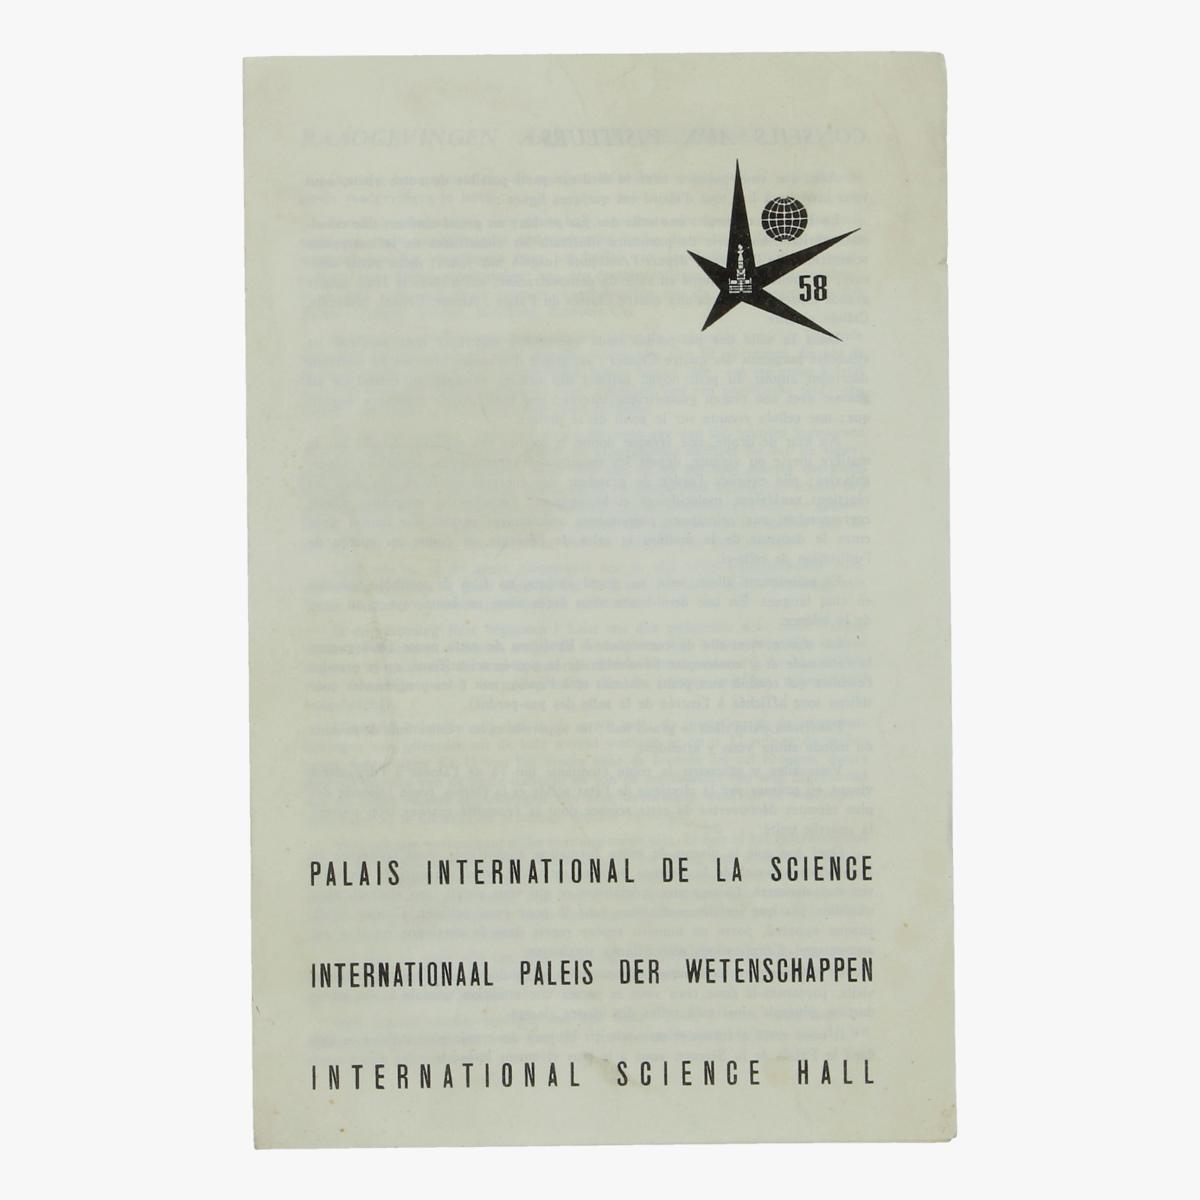 Afbeeldingen van expo 58 folder raadgeving aan de bezoekers internationaal paleis der wetenschappen